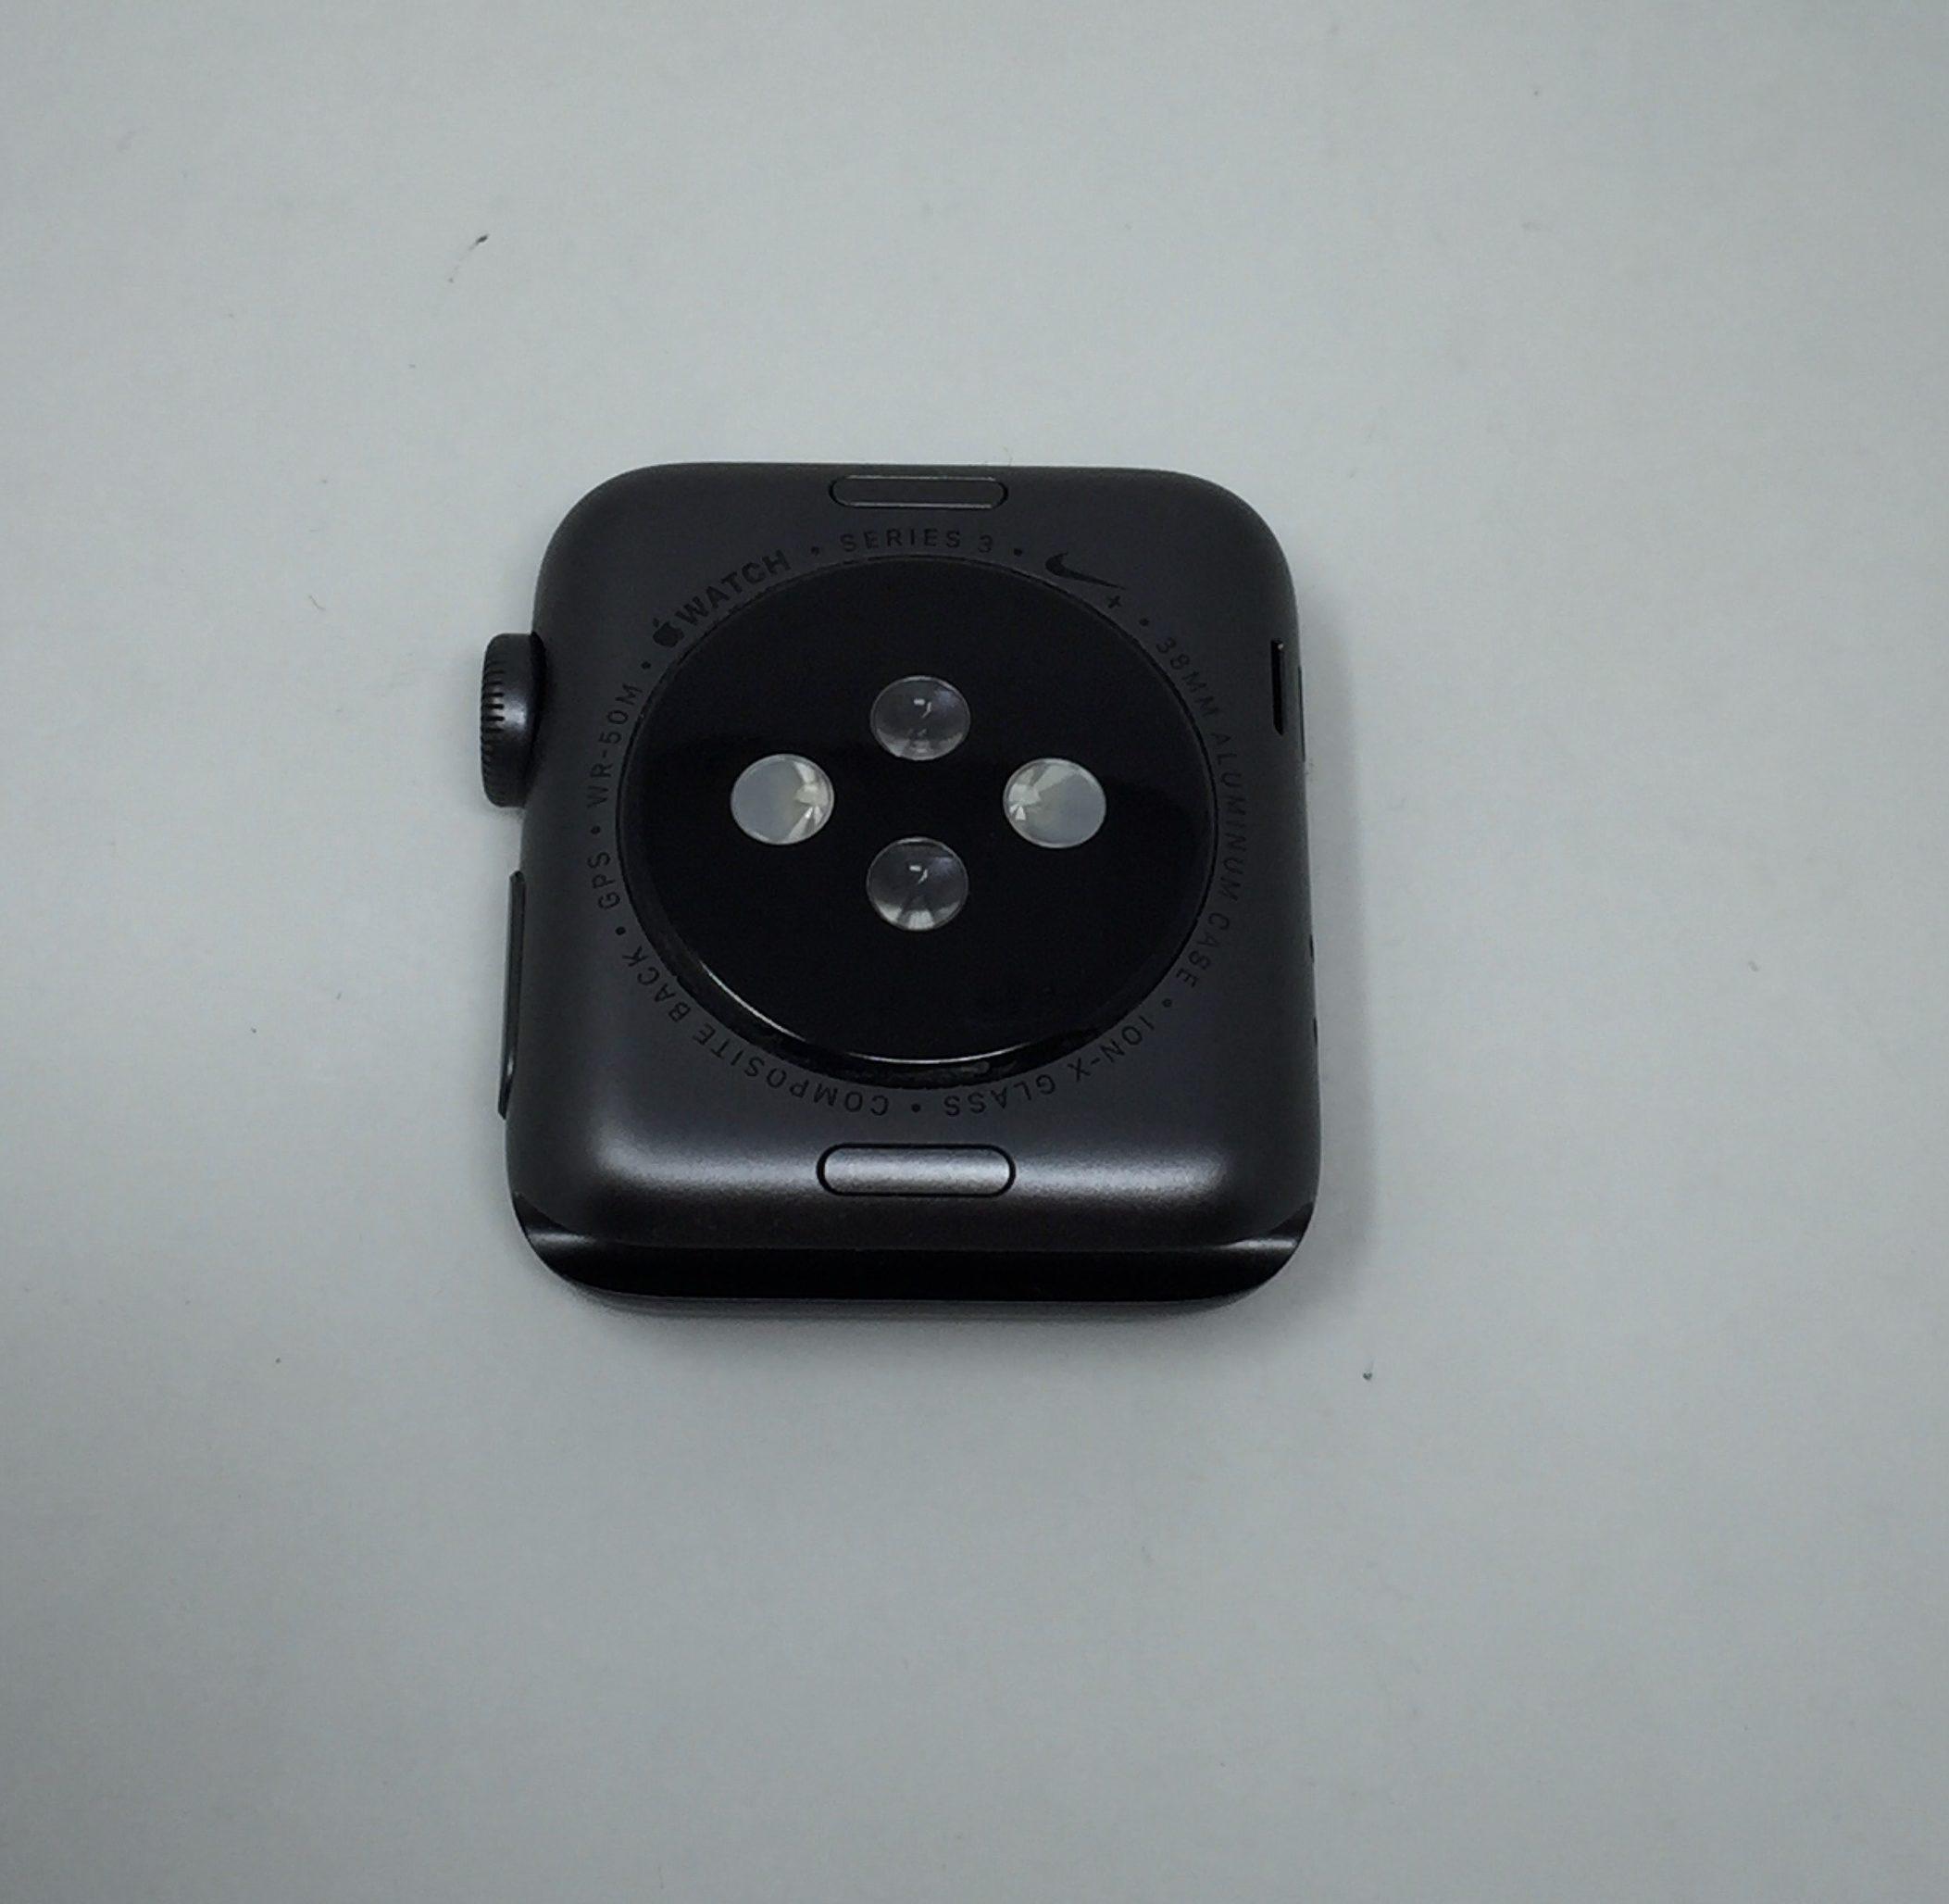 Watch Series 3 (38mm), Black, imagen 2